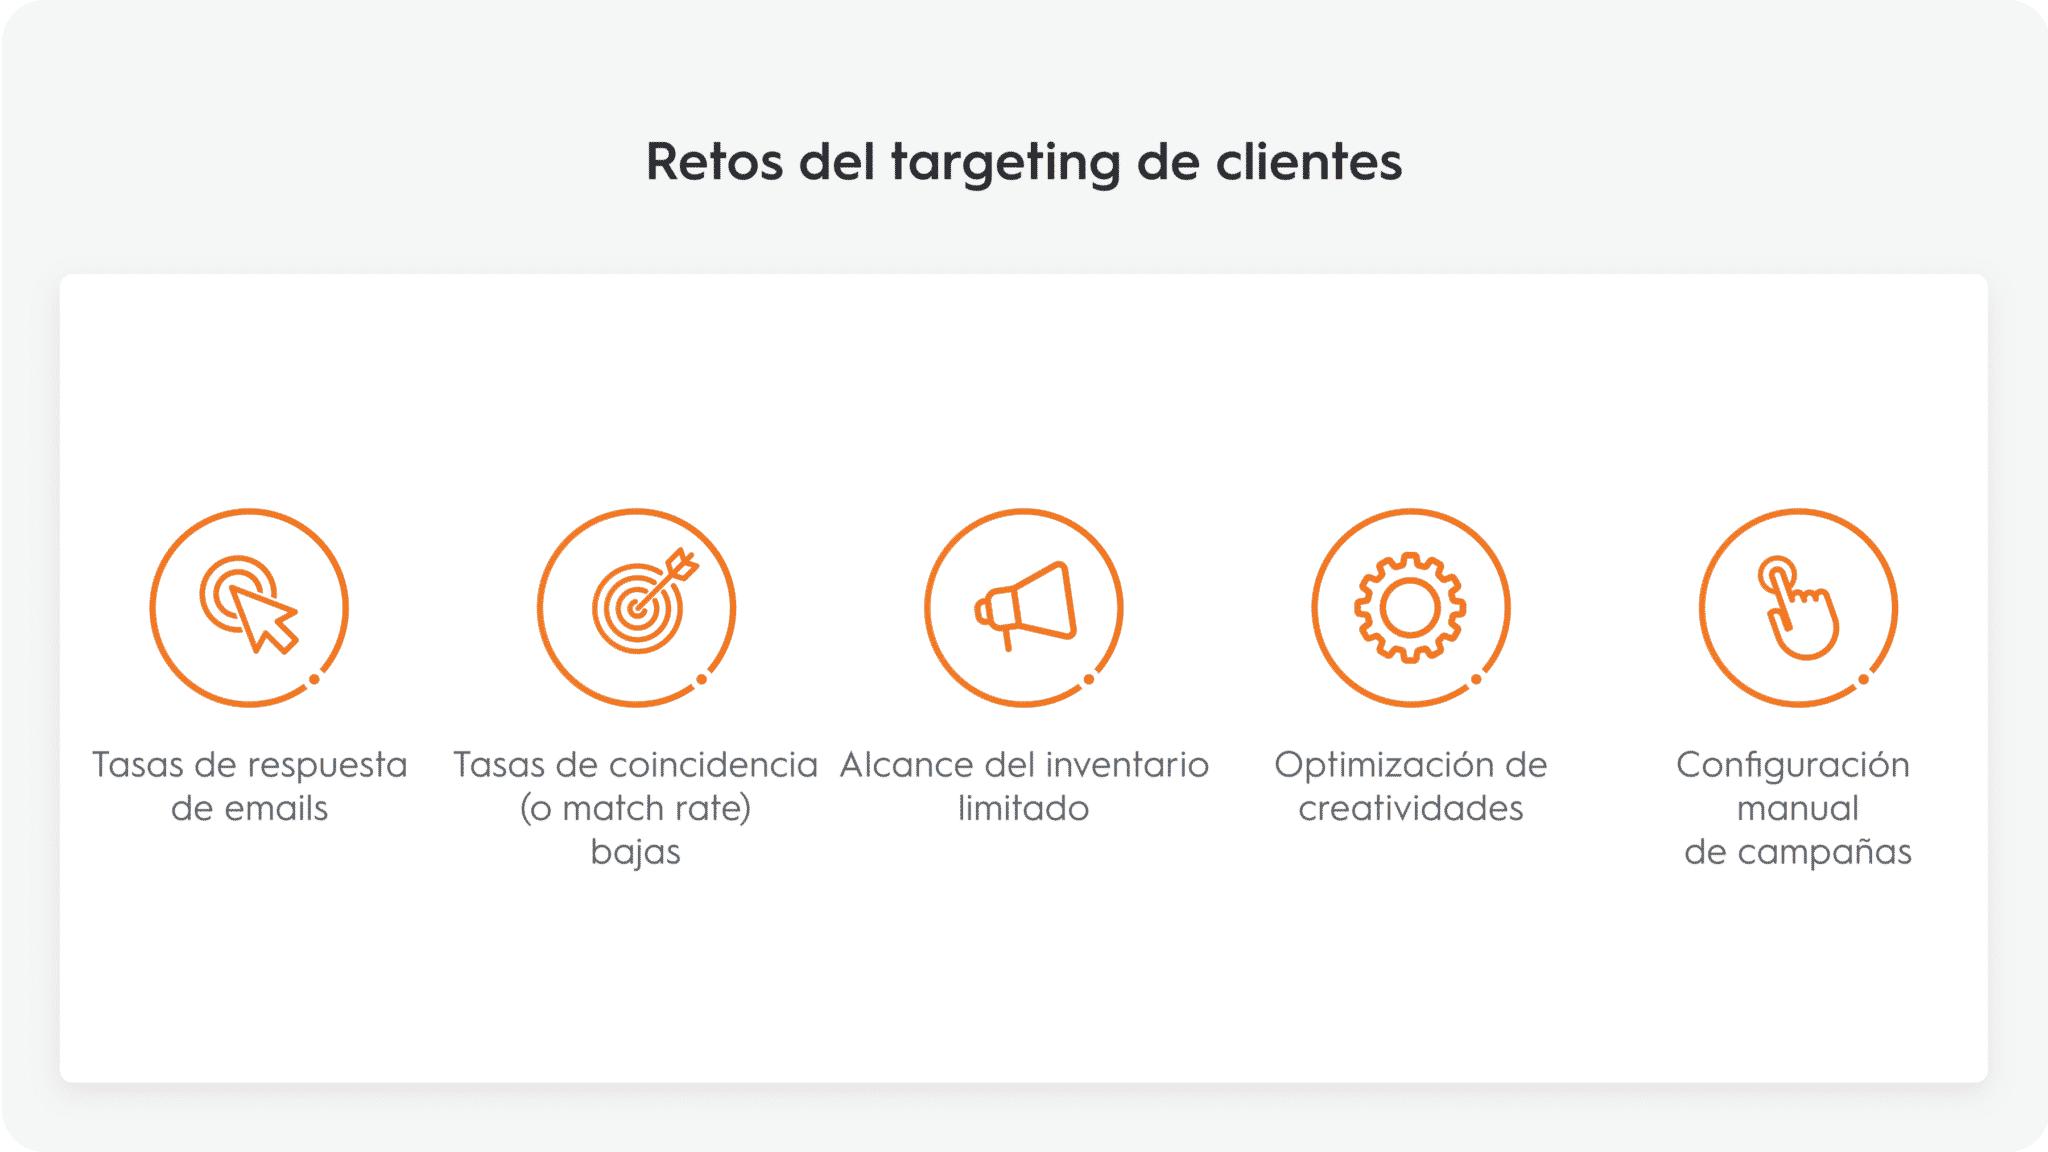 Retos del targeting del clientes